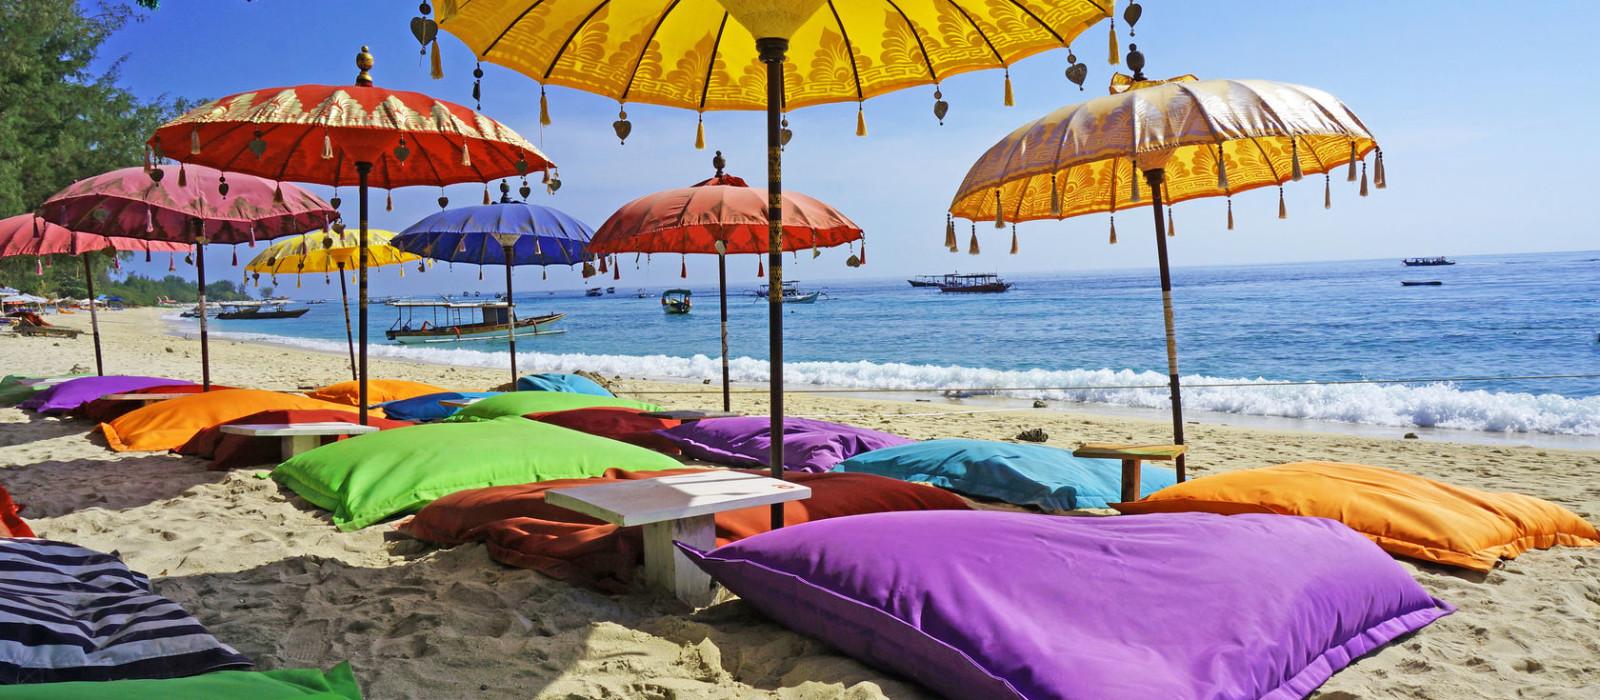 Tradition und Inselzauber auf Bali Urlaub 1